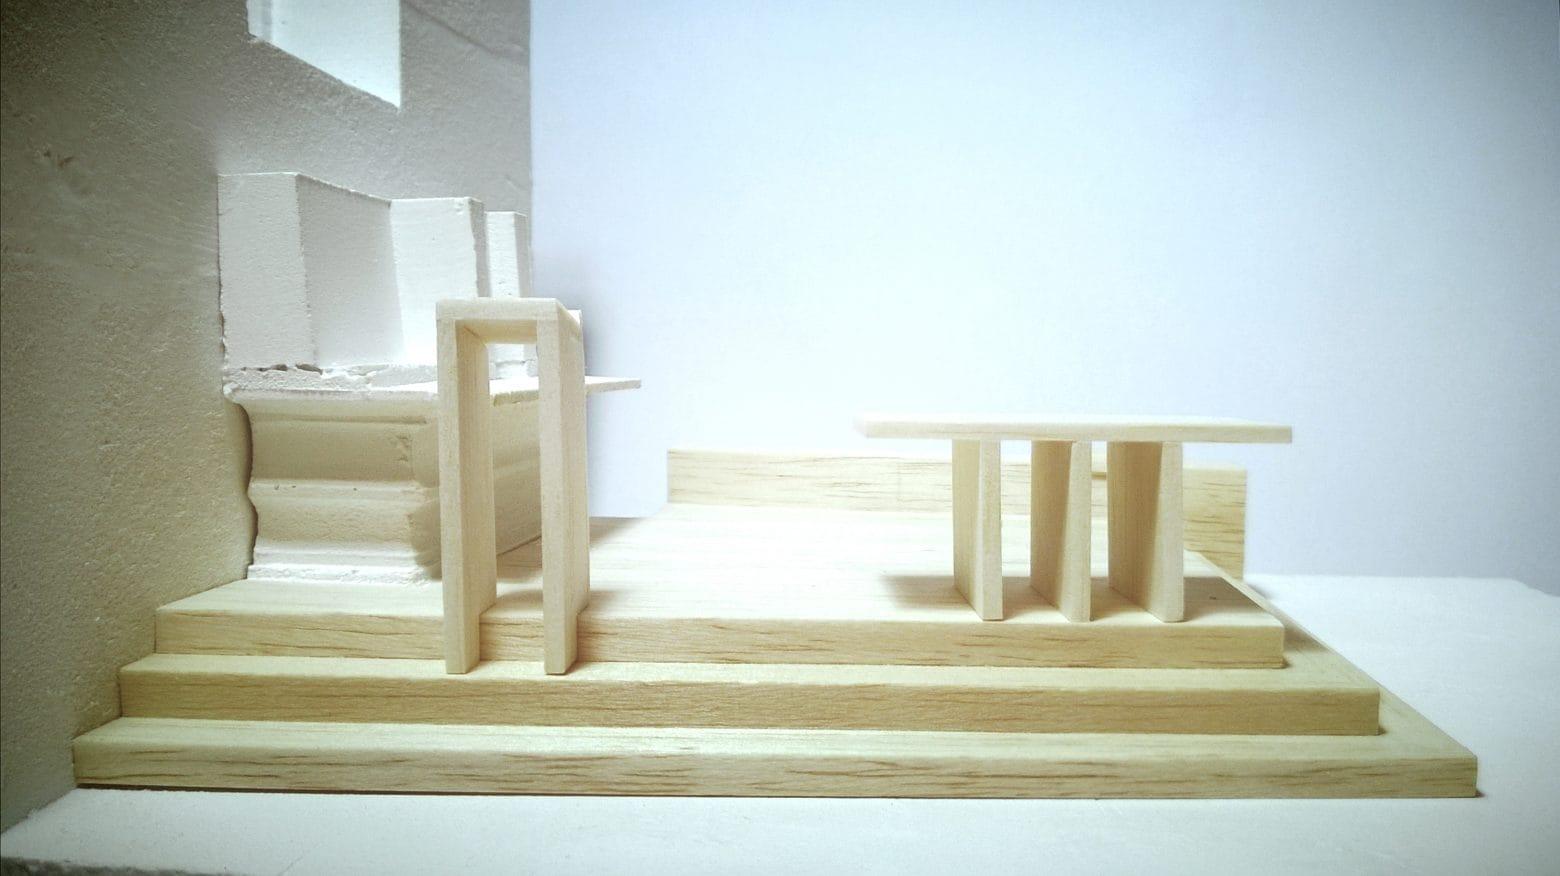 Bazilika_szent_jobb_kapolna oltar modell balza